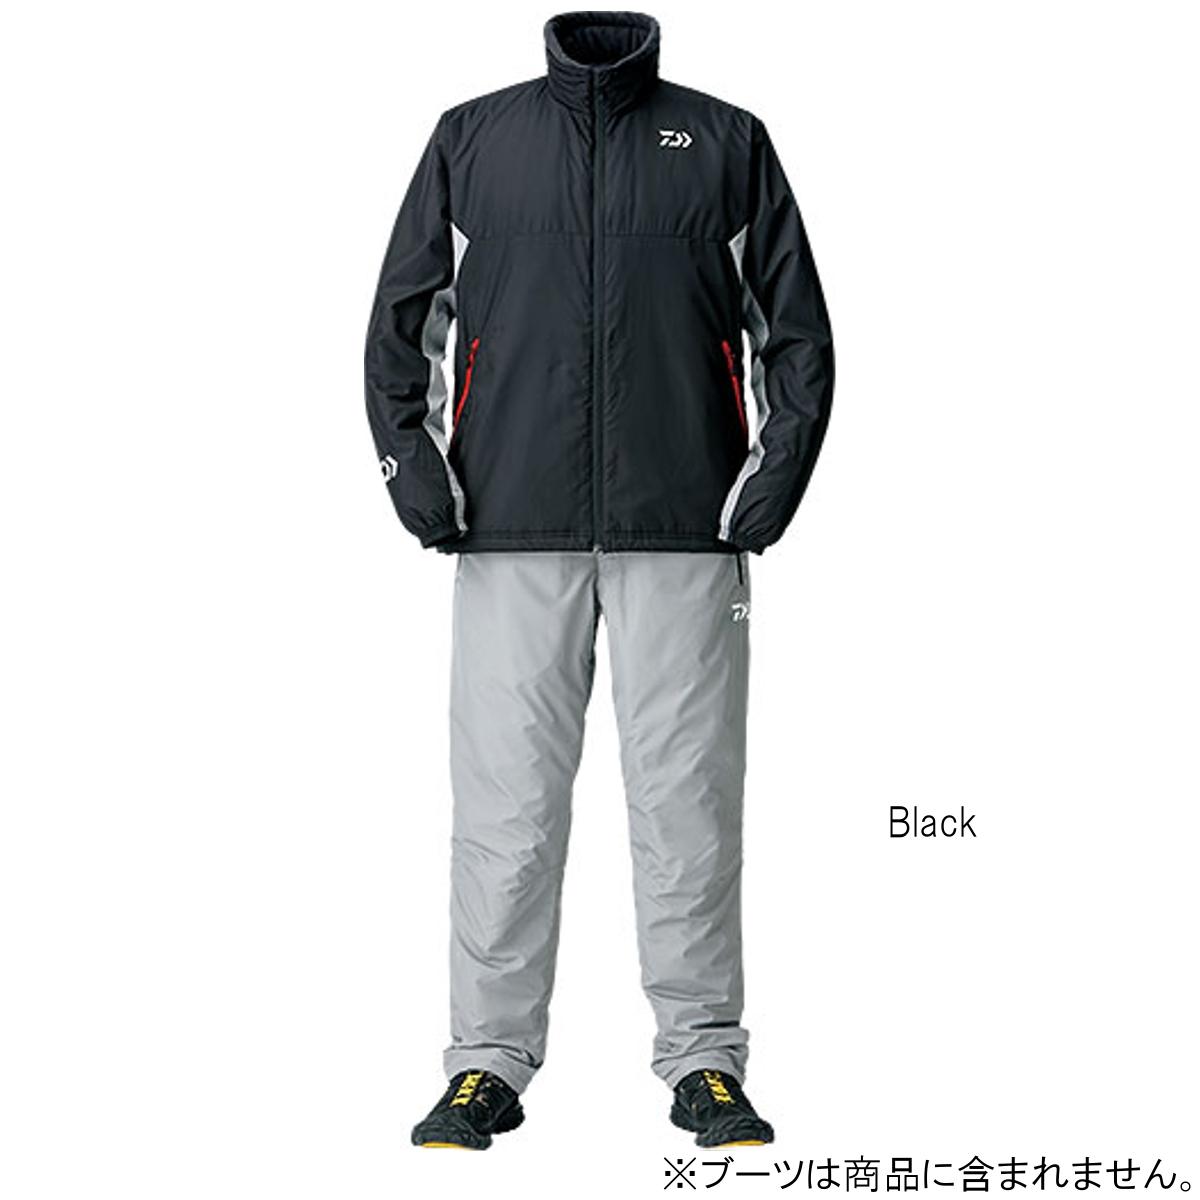 ダイワ ウォームアップスーツ DI-52008 2XL Black(東日本店)